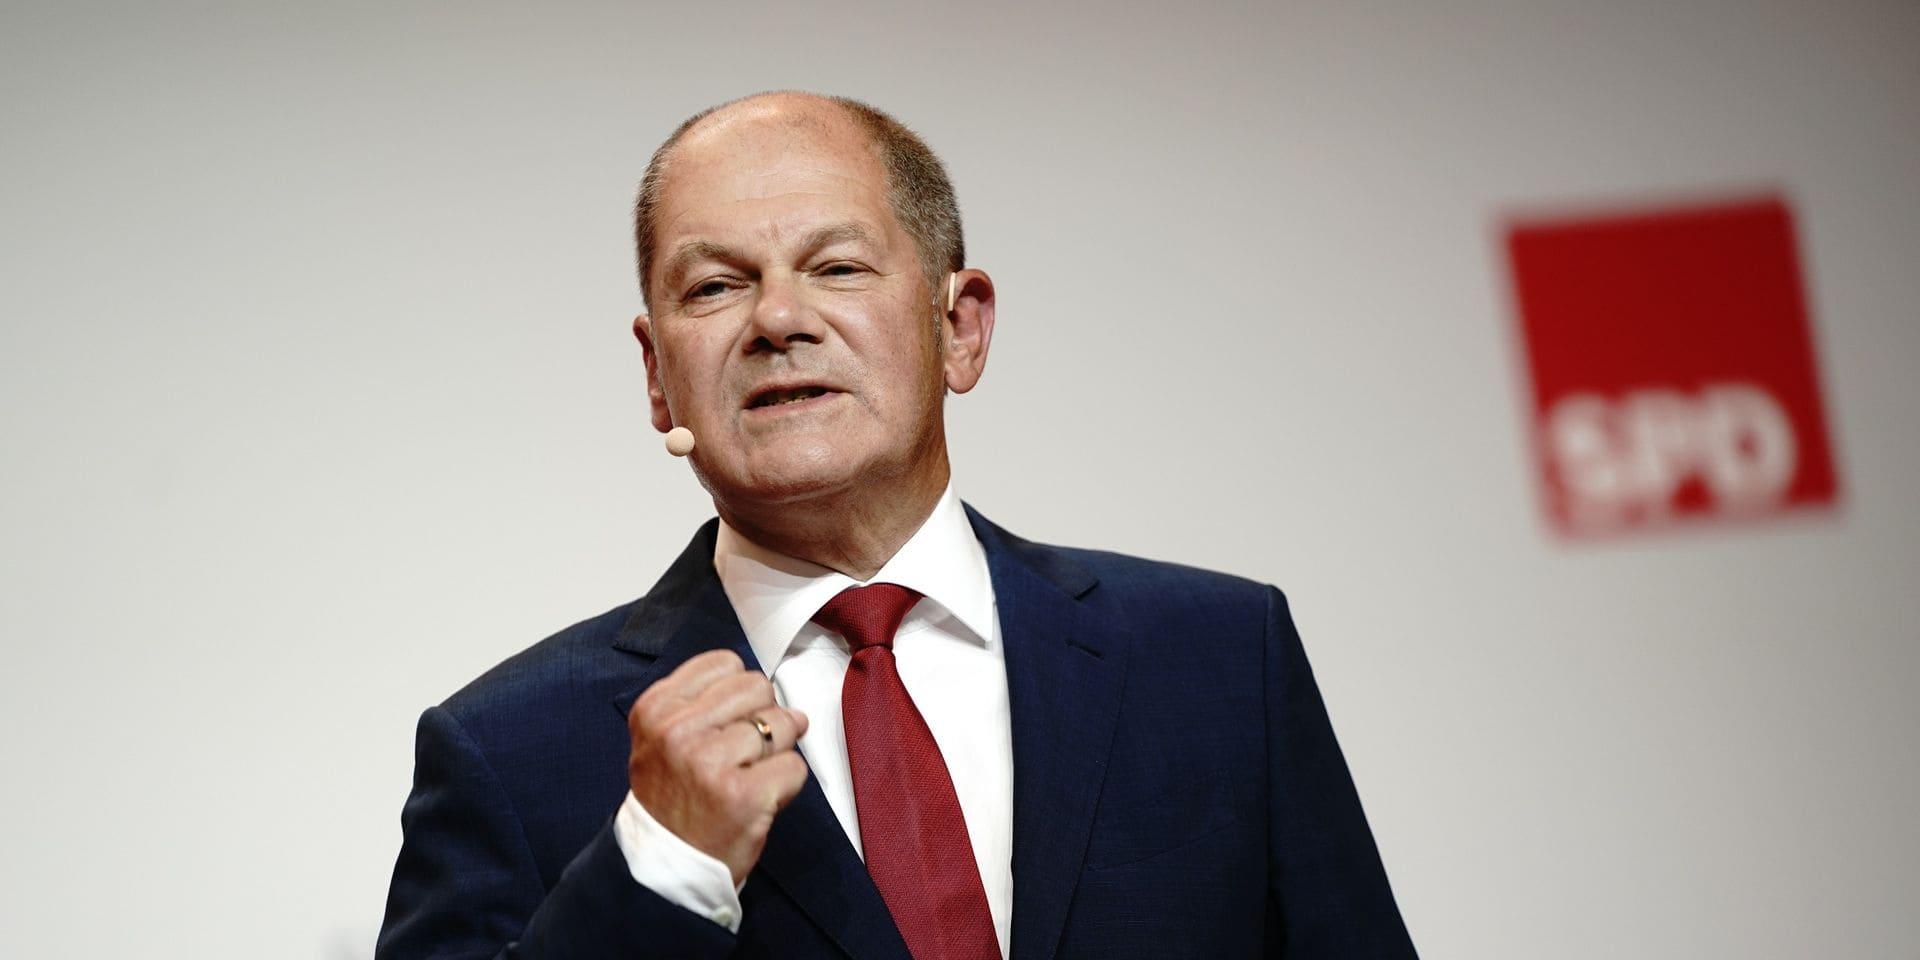 Allemagne: le ministre des Finances, Olaf Scholz, sera la candidat des sociaux-démocrates à la chancellerie